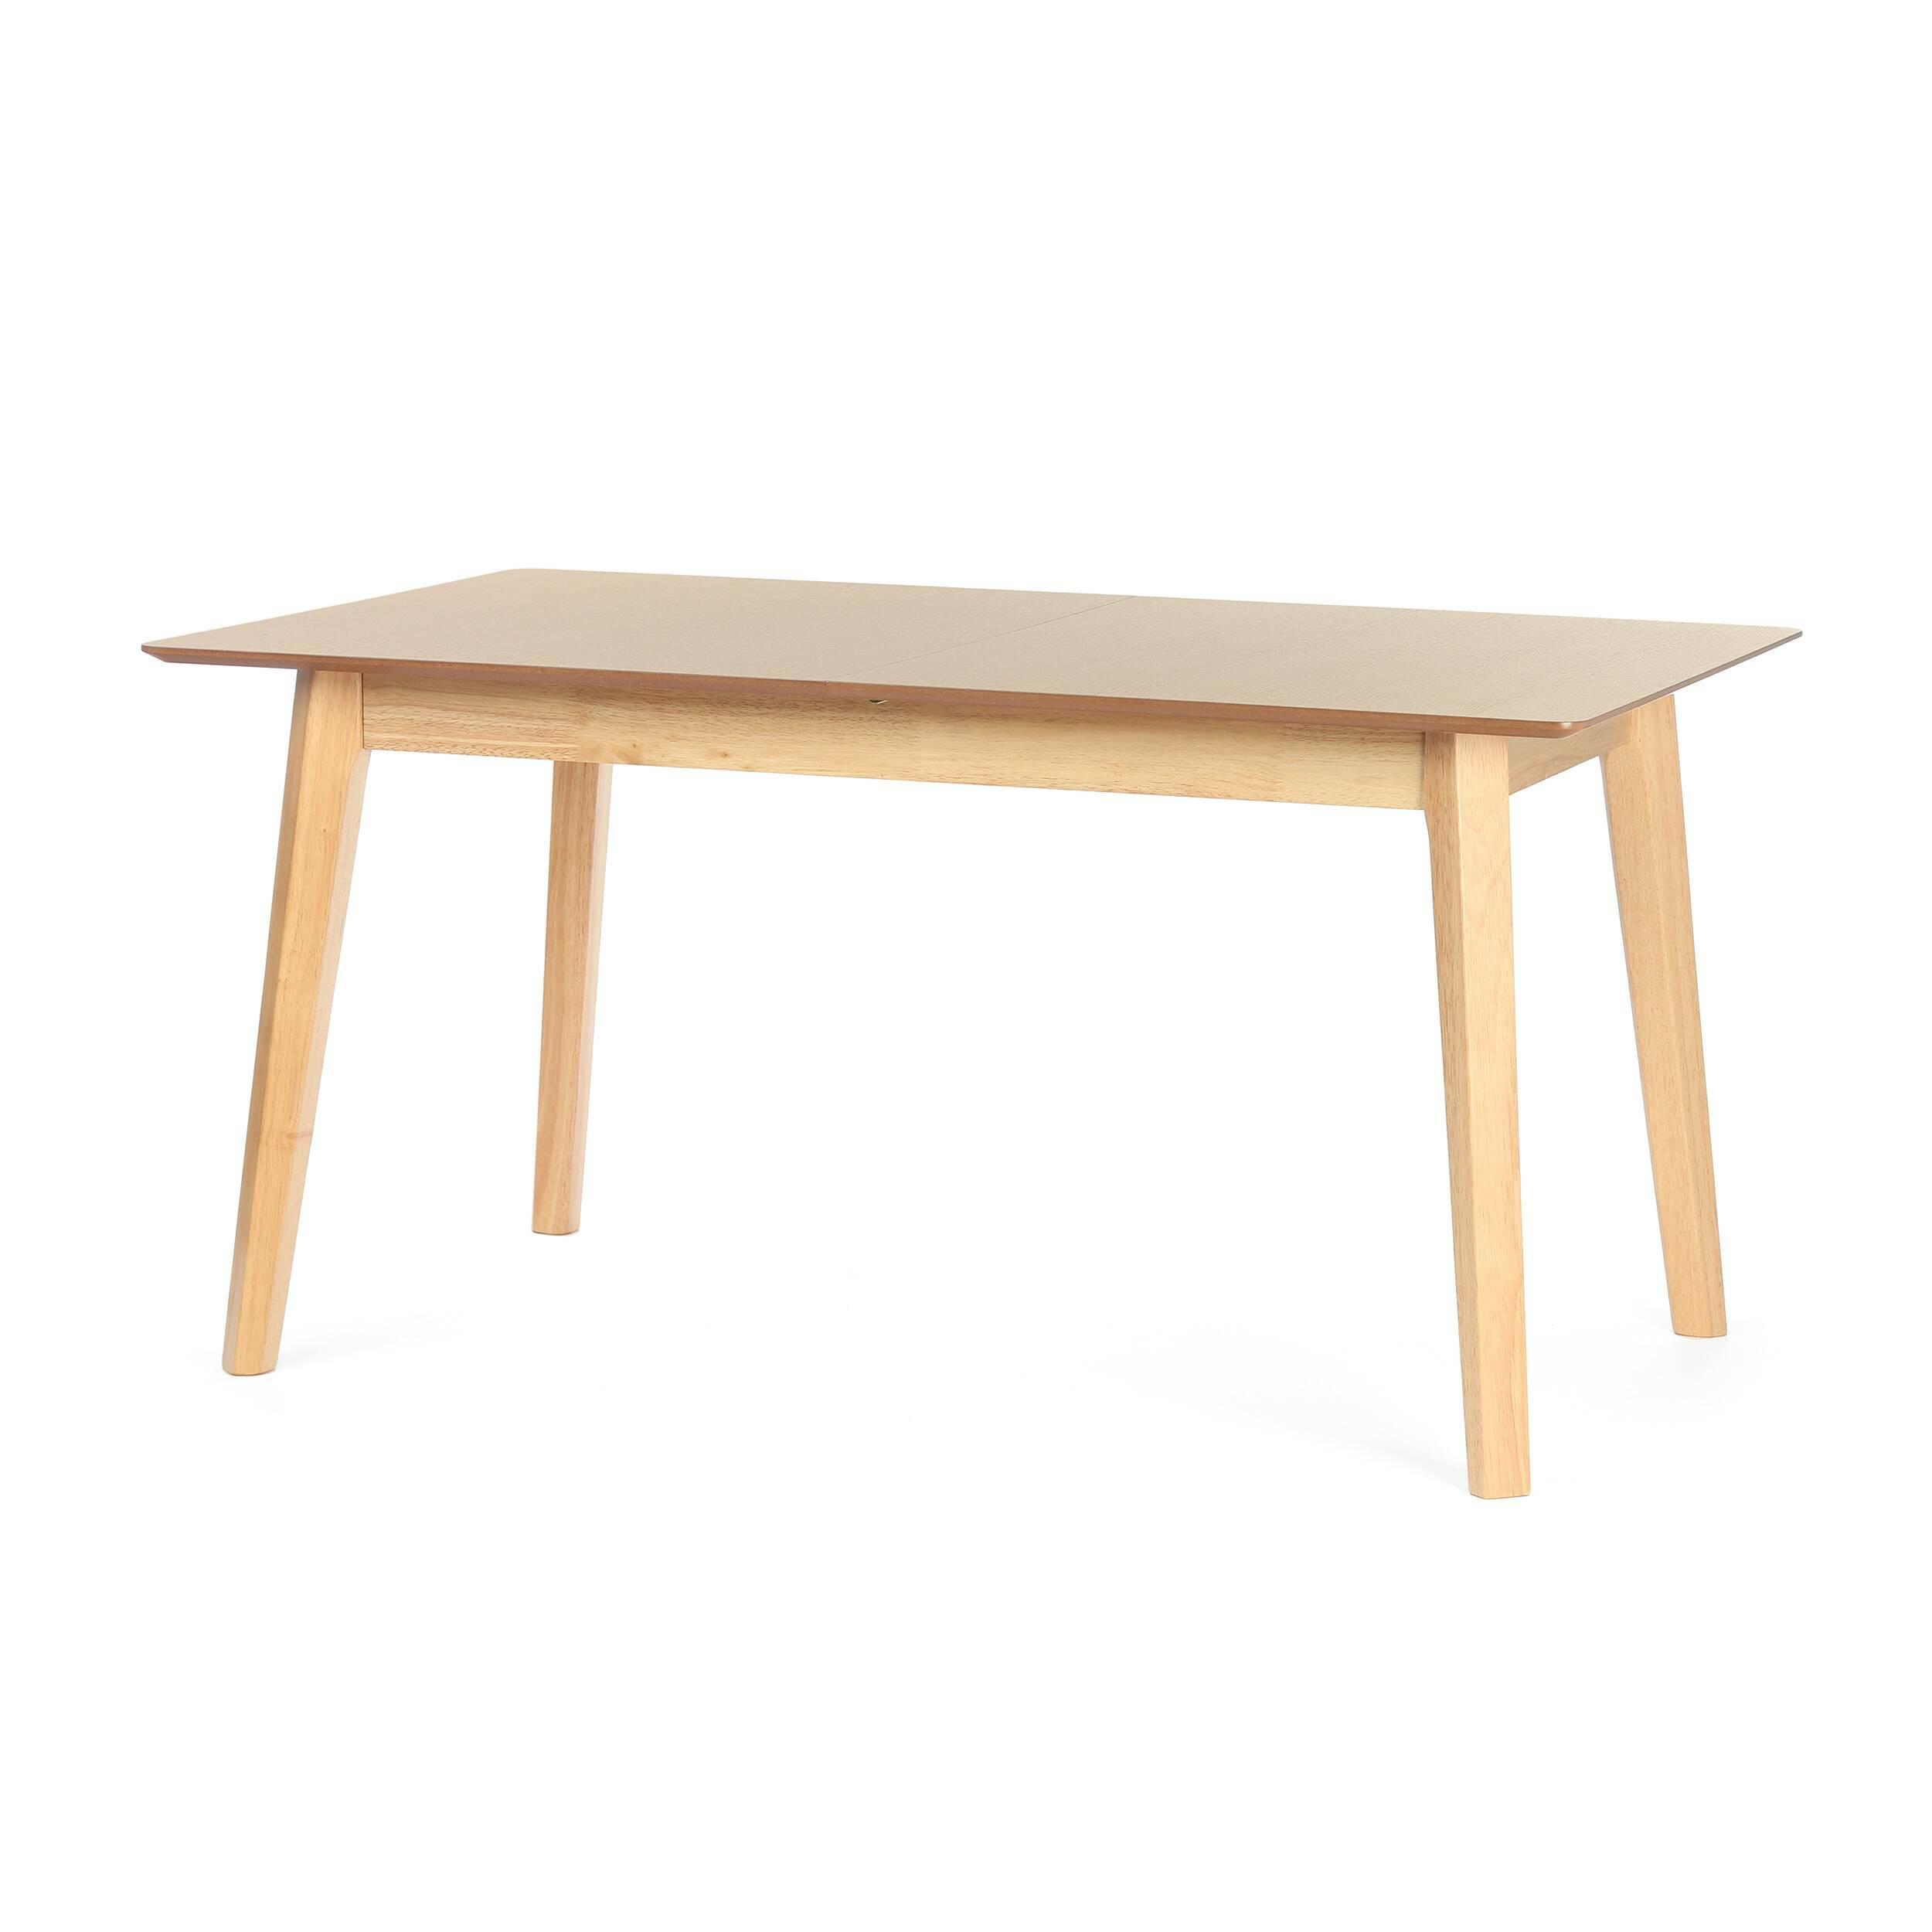 Купить Обеденный стол Jace раздвижной, Cosmo